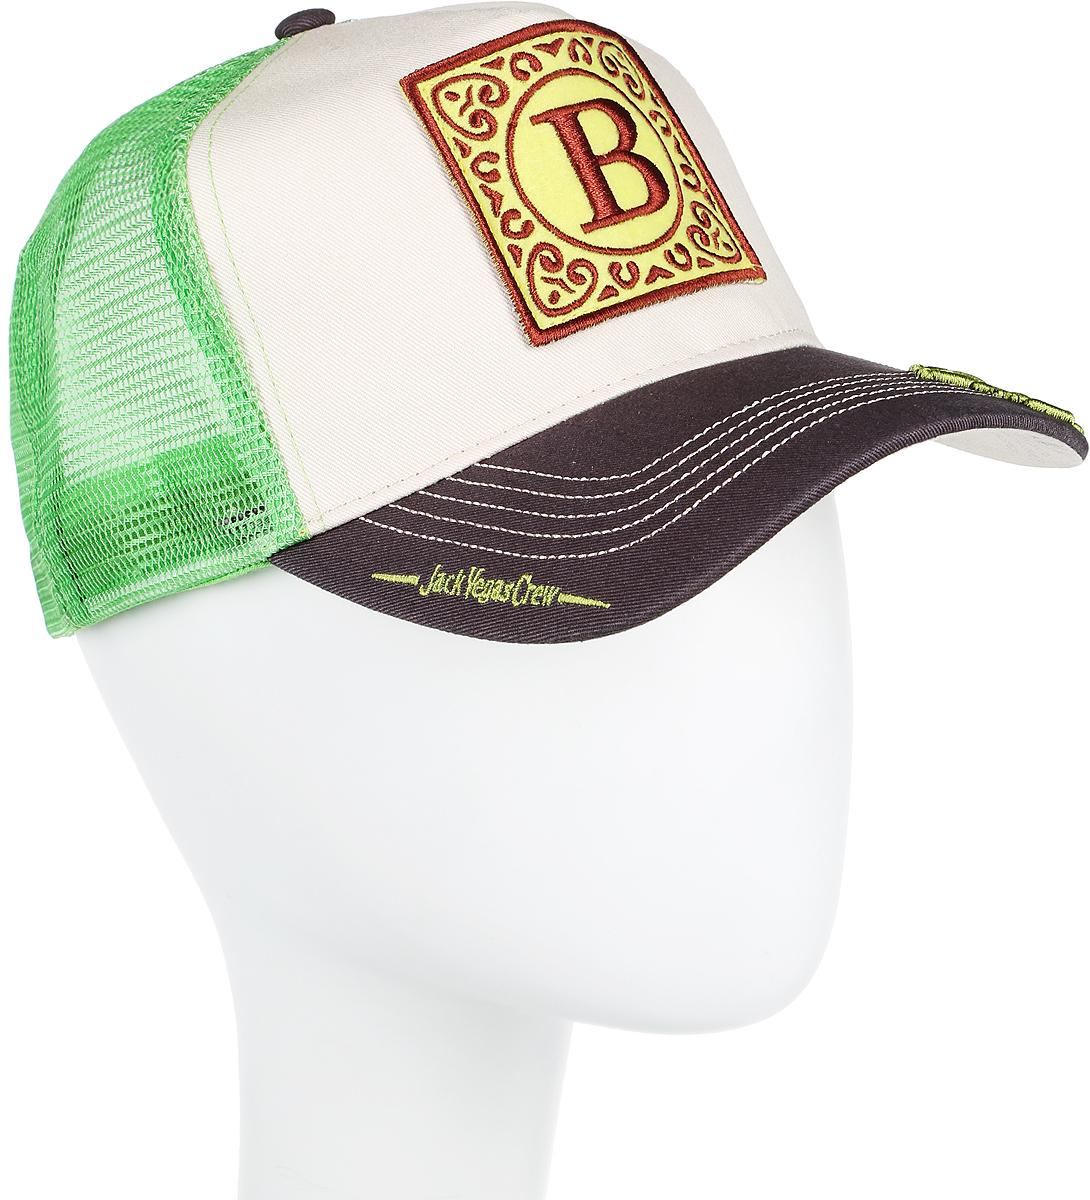 Бейсболка Herman Jack B, цвет: зеленый, белый, серый. 80-163-11-00. Размер универсальный80-163-11-00Jack B - яркая бейсболка с сеткой от Herman 1874, из специальной линейки Jack Vegas Crew! На укрепленной передней панели есть нашивка с буквой B - заглавной в слове Beast. Расшифровку слова вы найдете на нижней части козырька, верхняя же часть украшена объемной вышивкой с названием и логотипом коллекции. Бейсболка хорошо вентилируется. Сверху модель украшена пуговкой. Размер регулируется сзади пластиковым ремешком. Внутри пришита лента для удобной посадки.